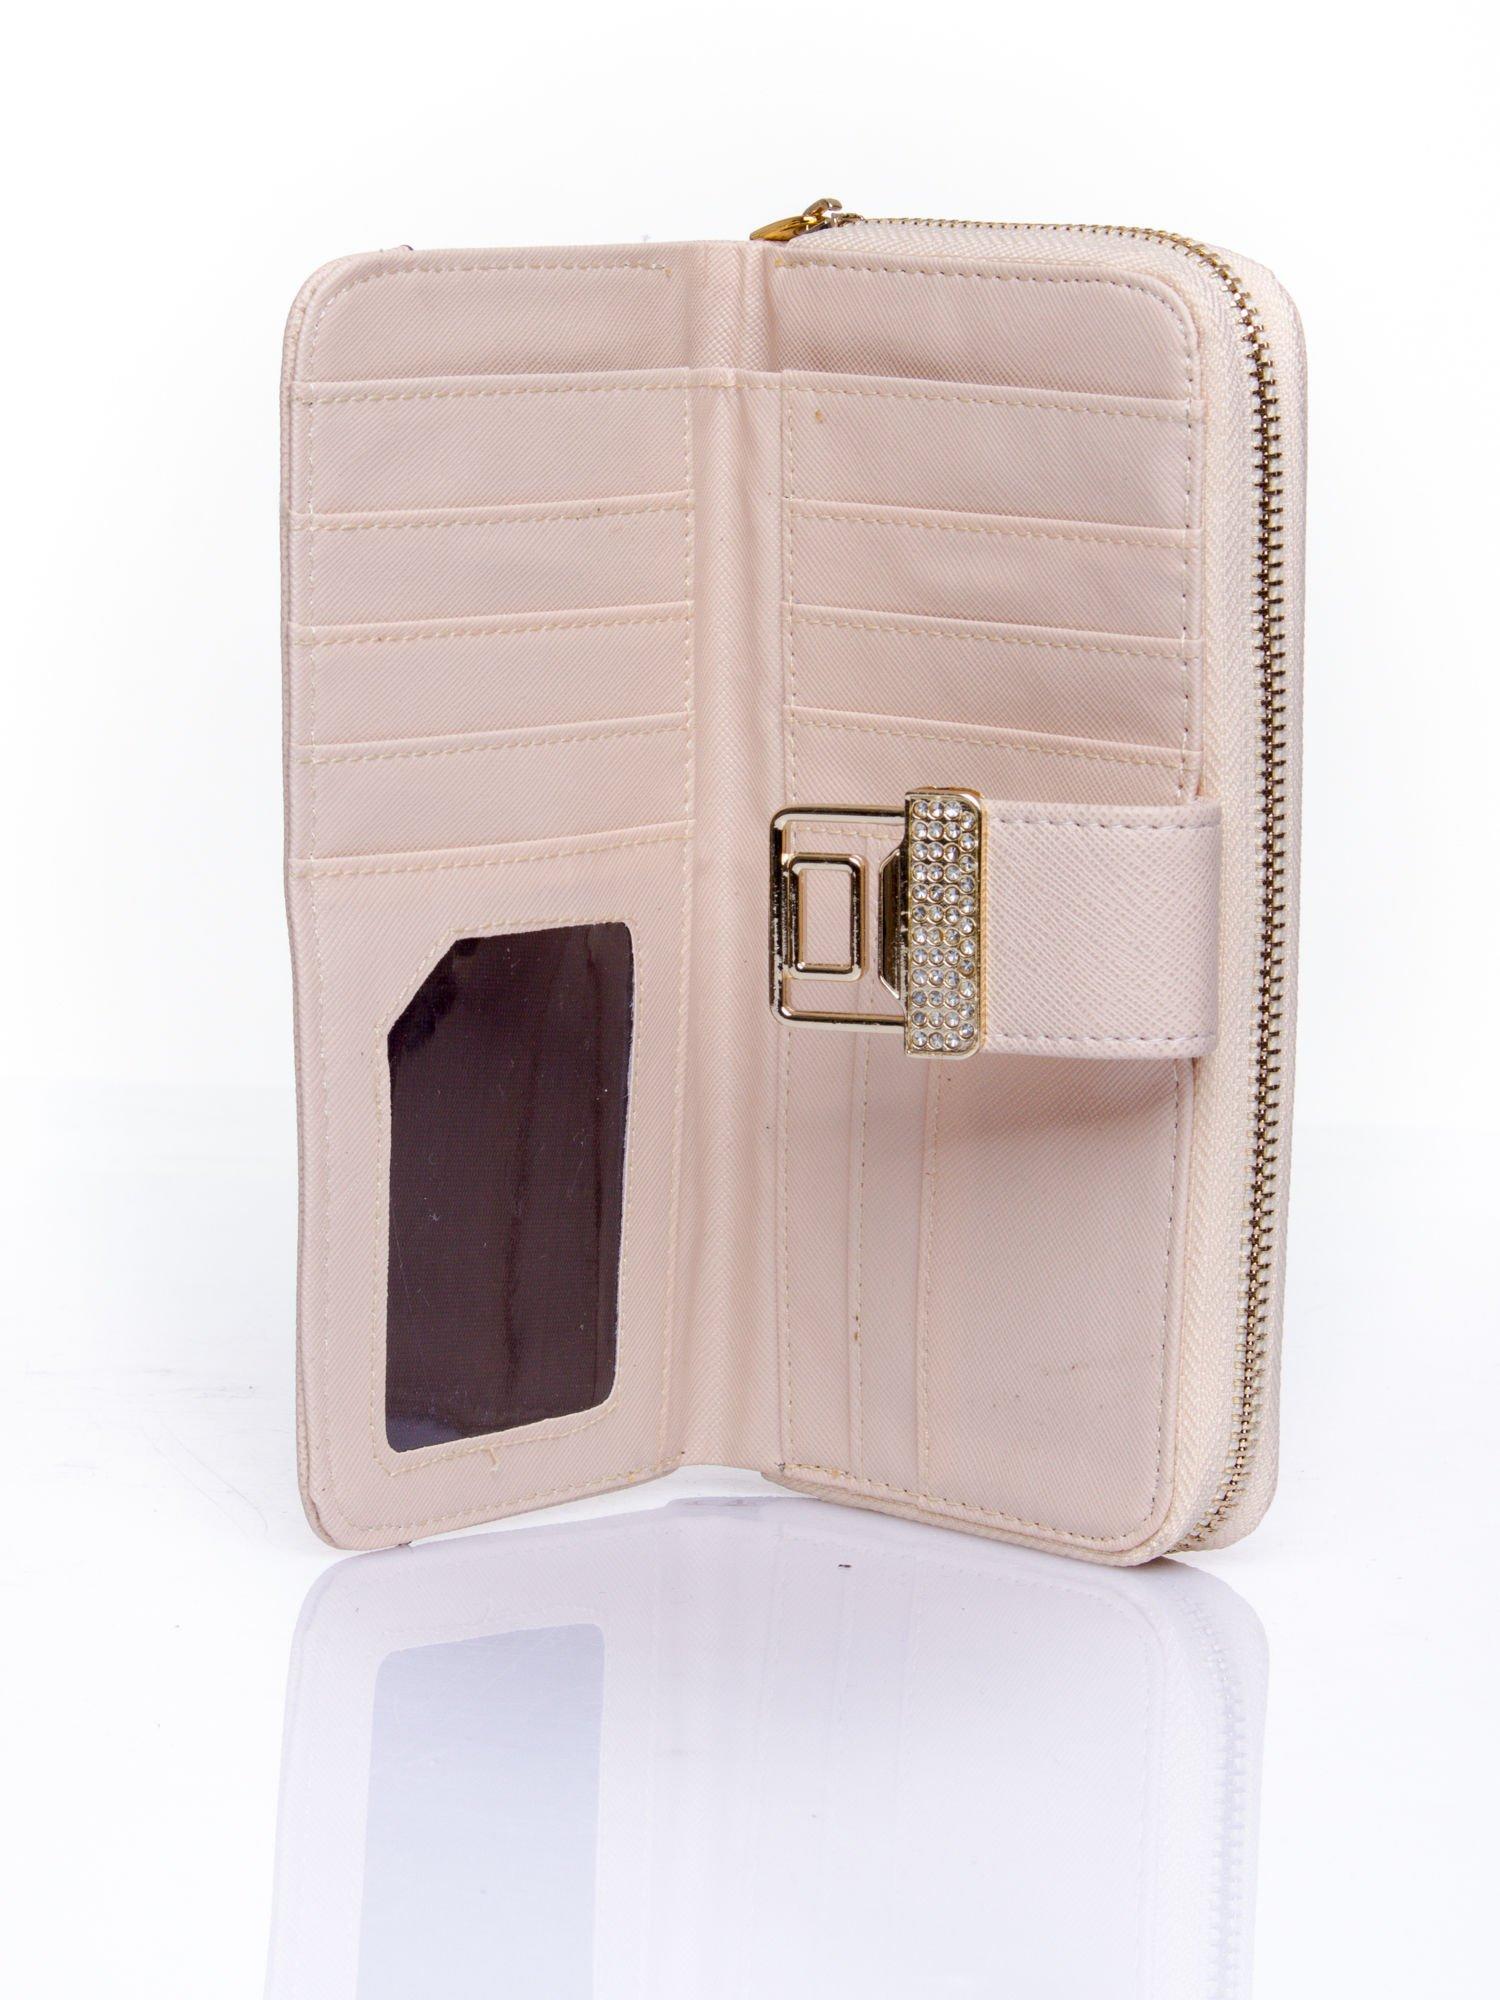 Beżowy portfel z ozdobnym zapięciem i złotym uchwytem                                  zdj.                                  4